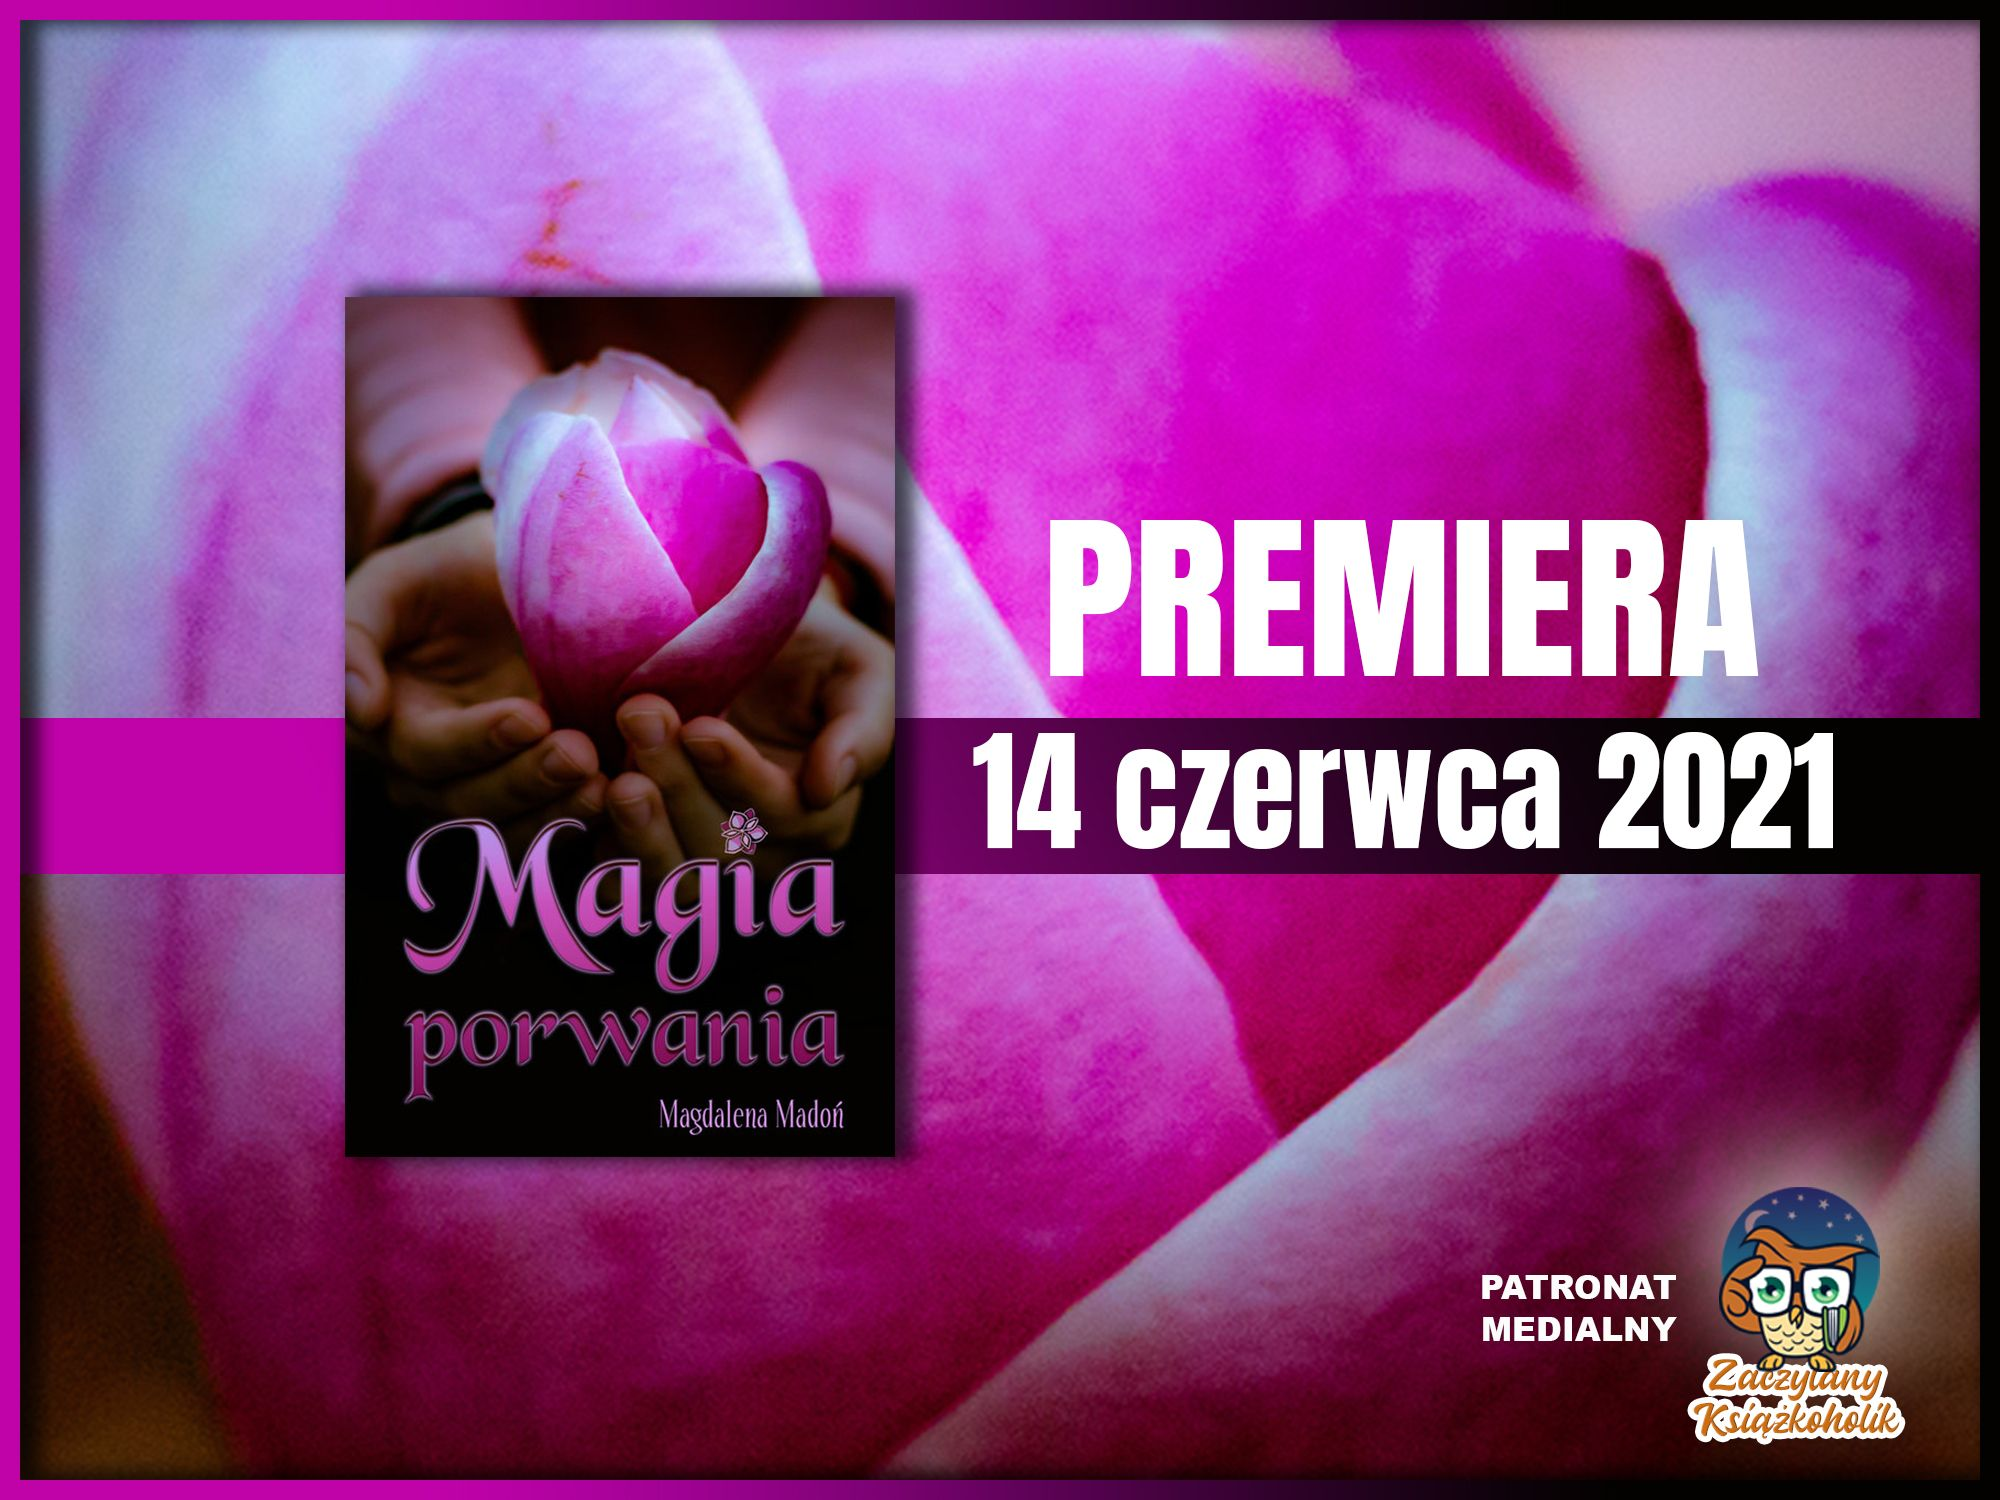 Magia porwania, Magdalena Madoń, zaczytanyksiazkoholik.pl